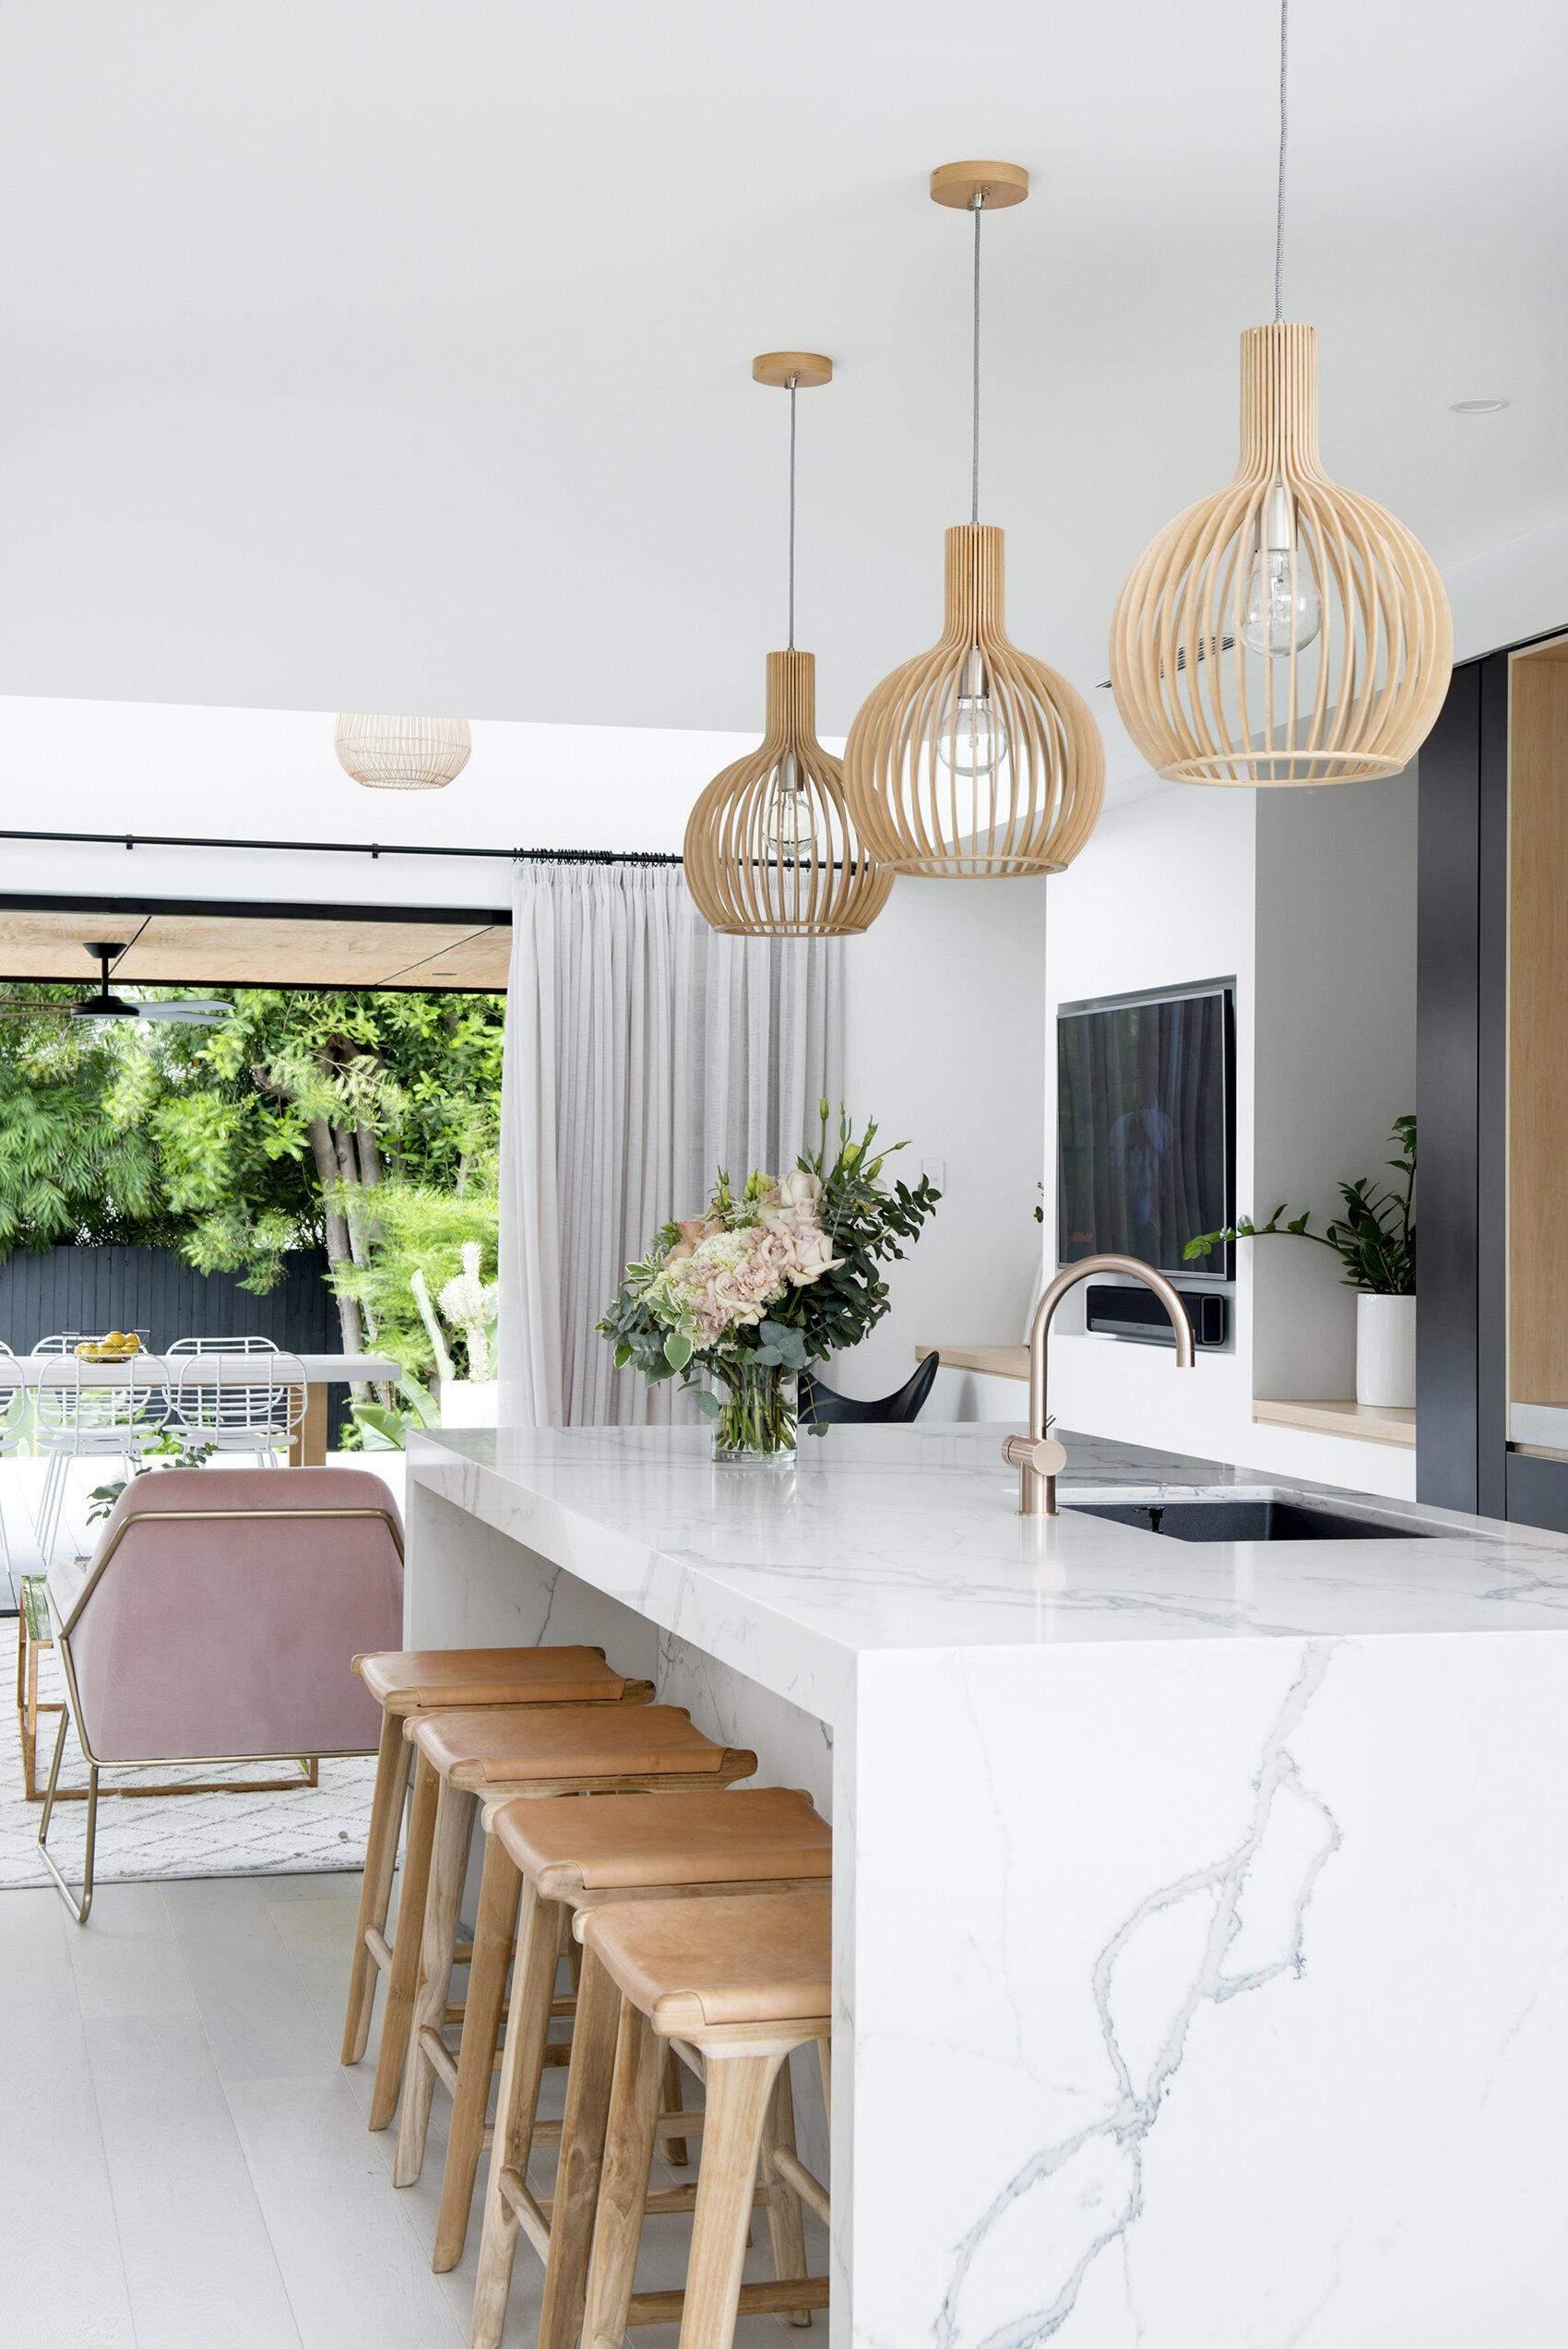 Як підібрати довговічні штори на кухню: матеріал, довжина, колір